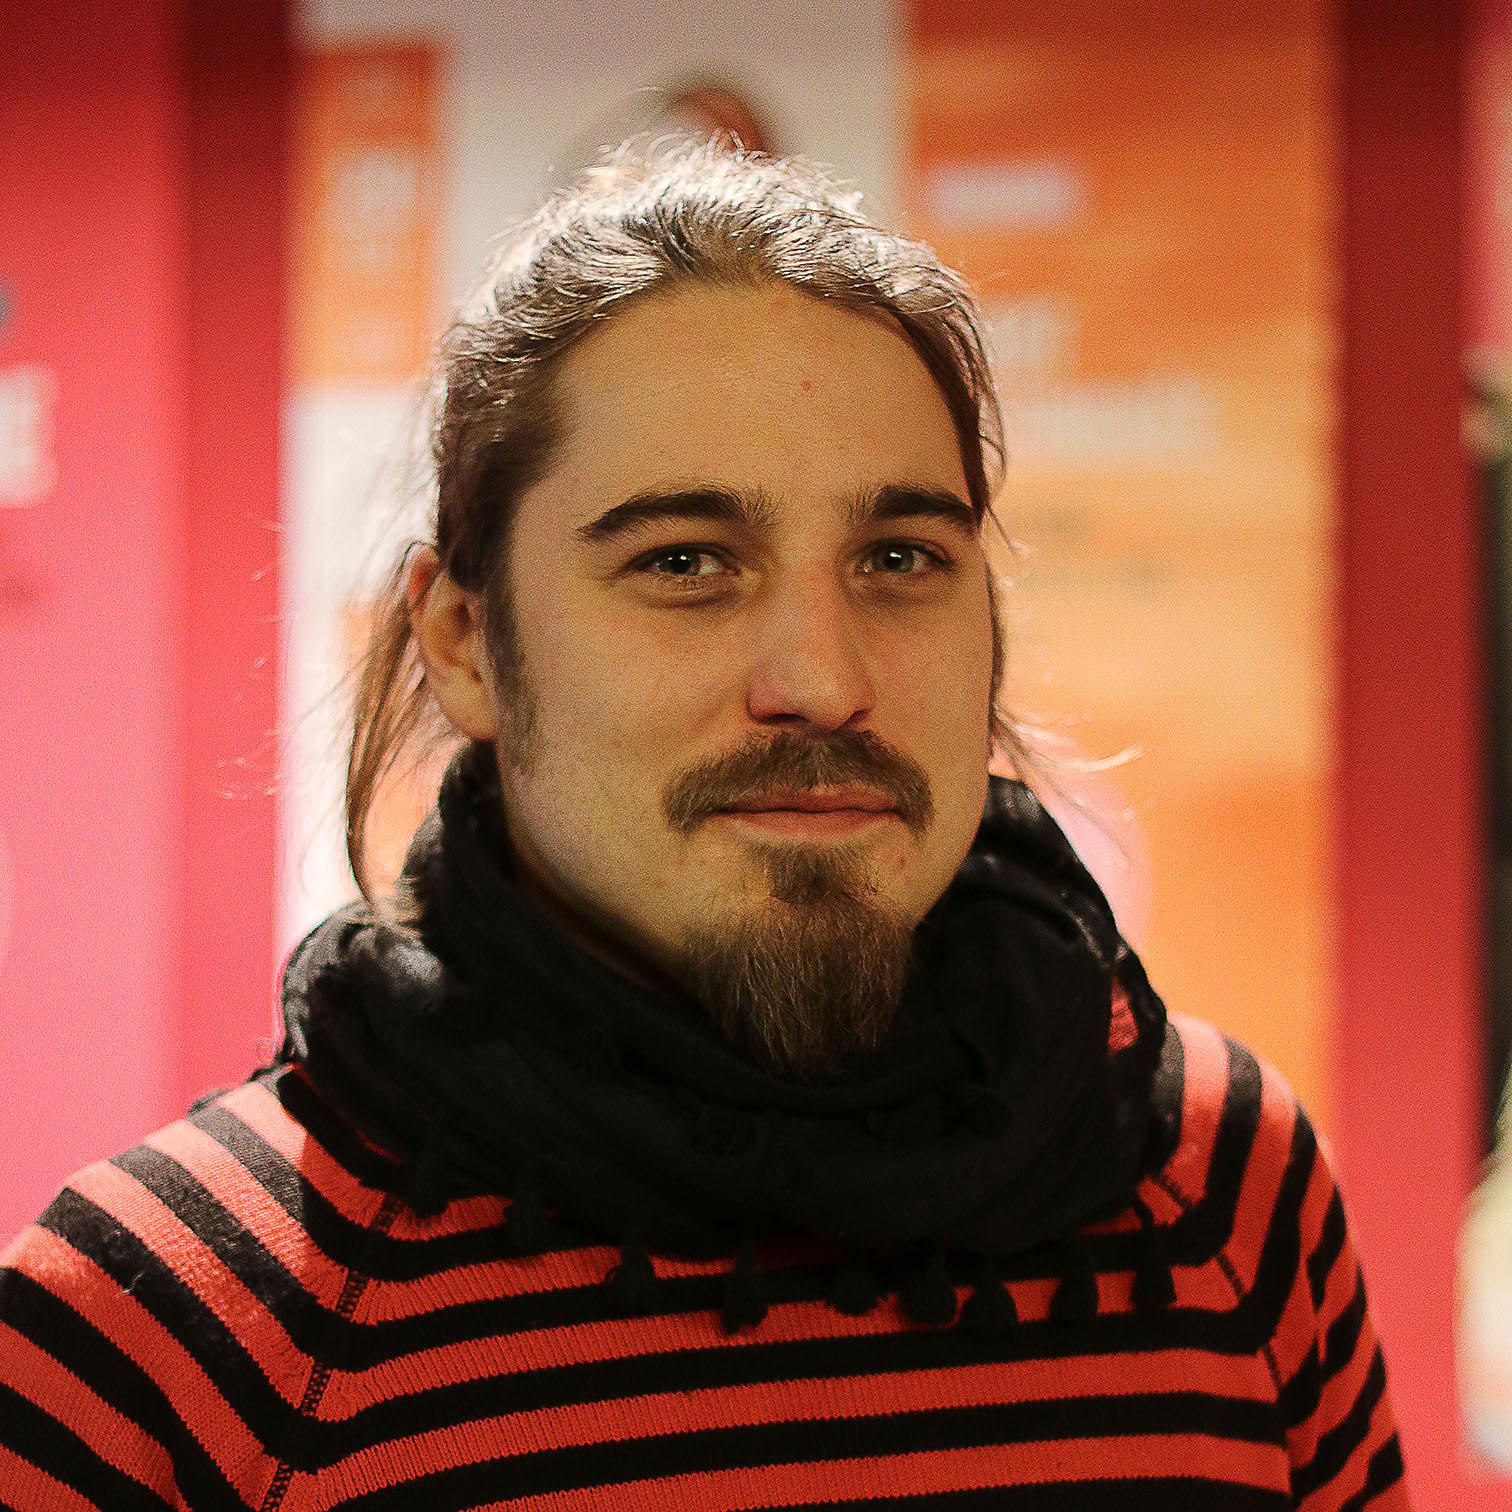 Jean-Baptiste Debroux